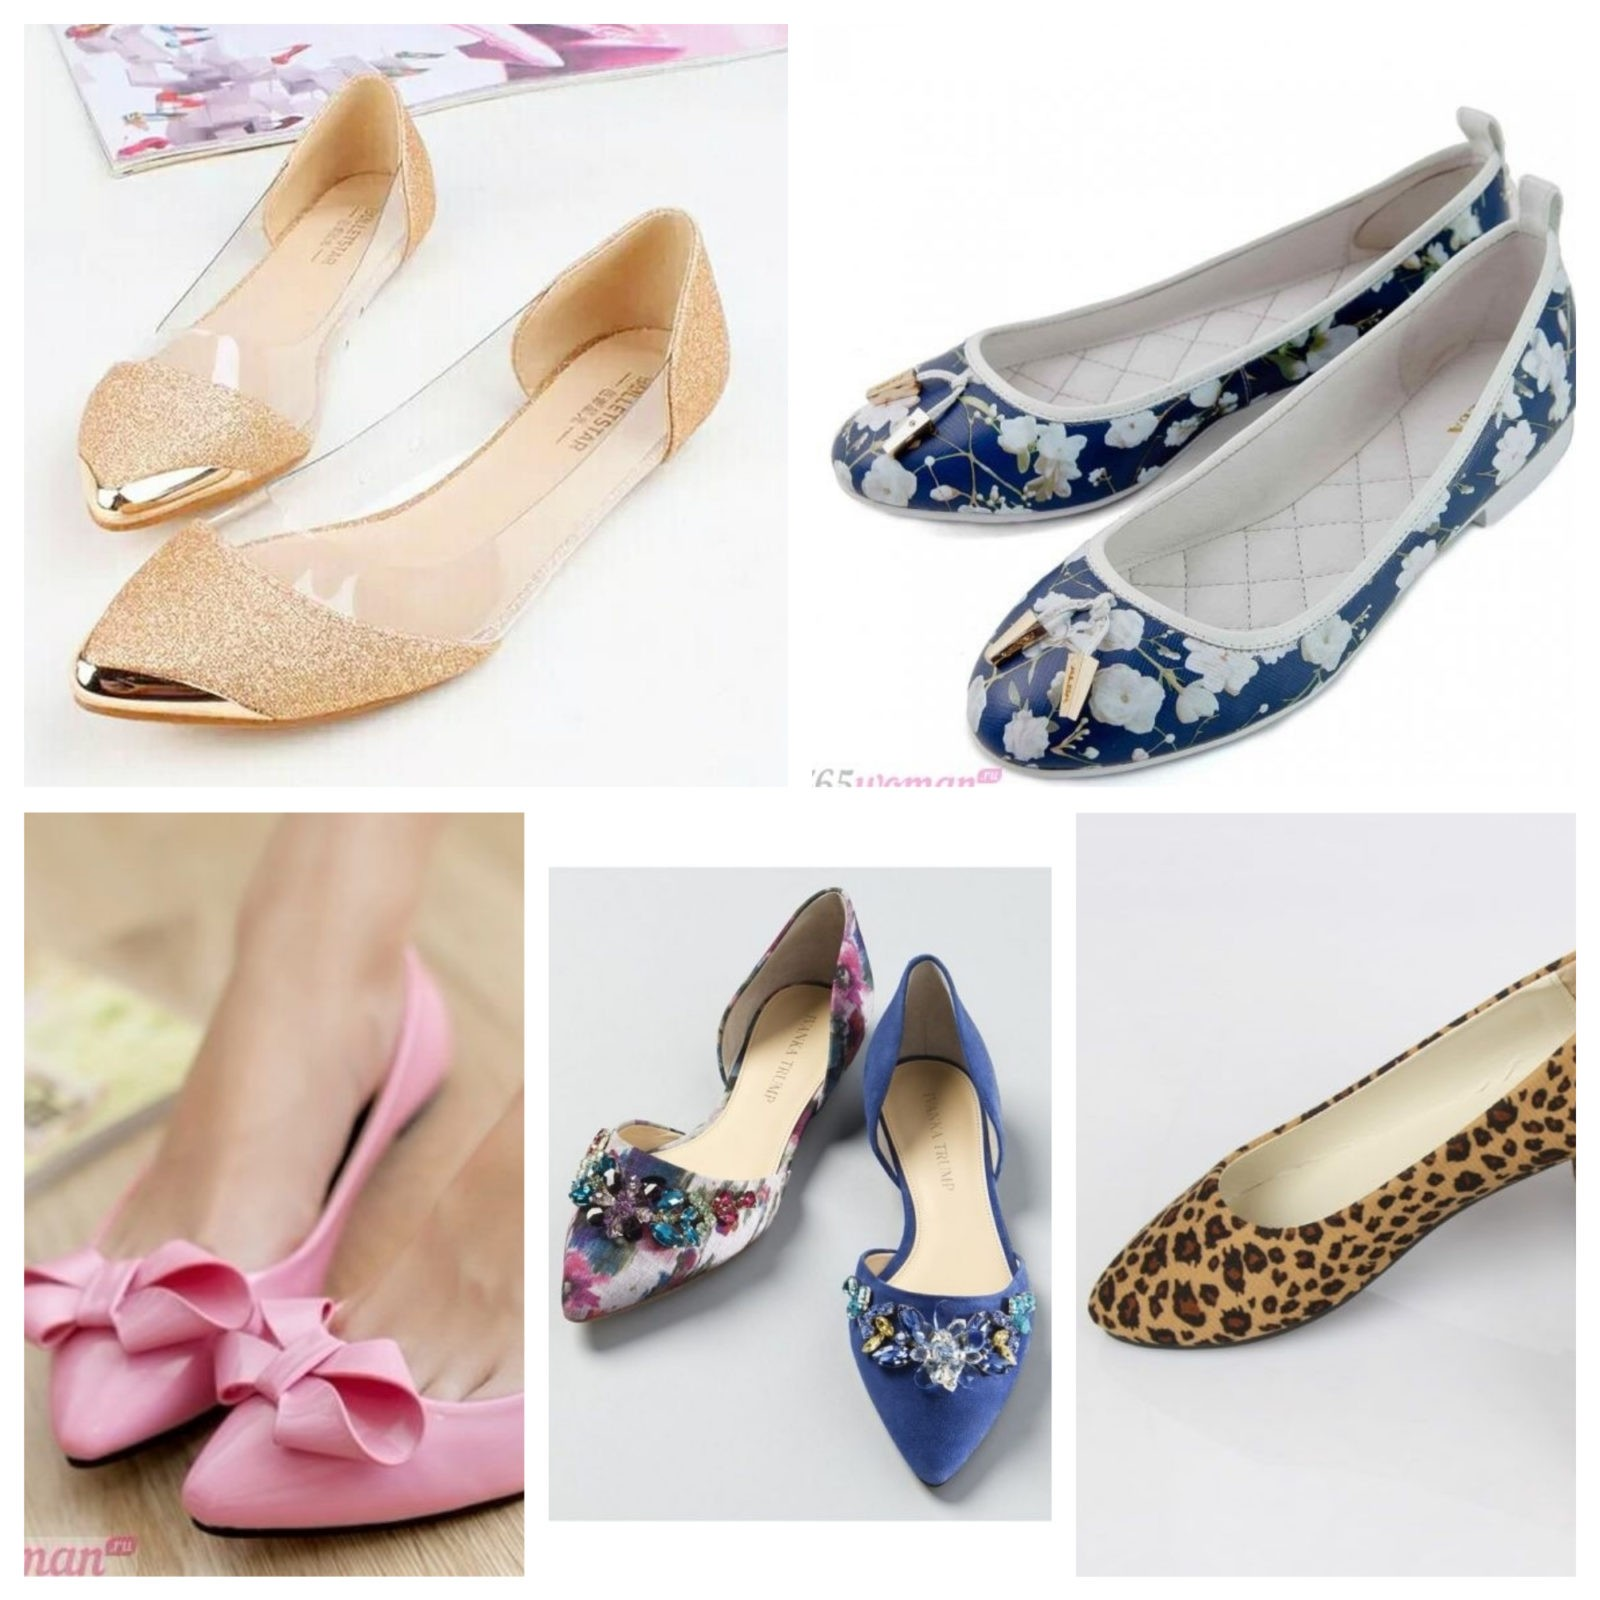 балетки синие розовые леопардовые бежевые с блестками бантиками